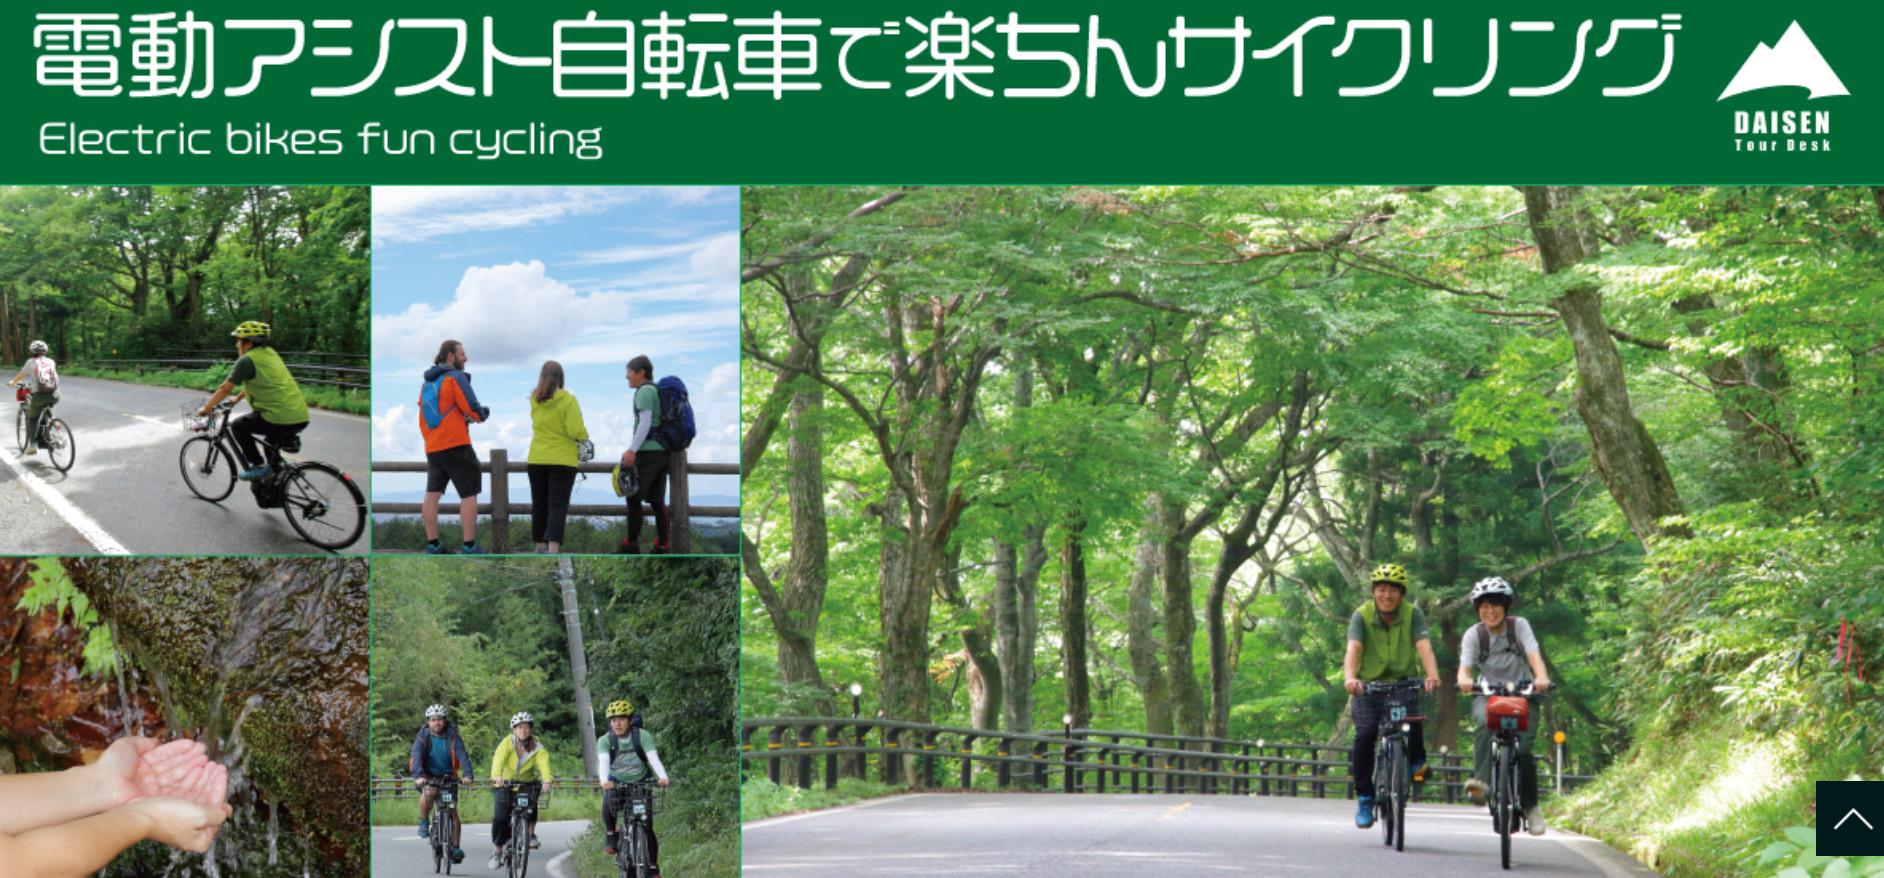 電動アシスト自転車ツアー